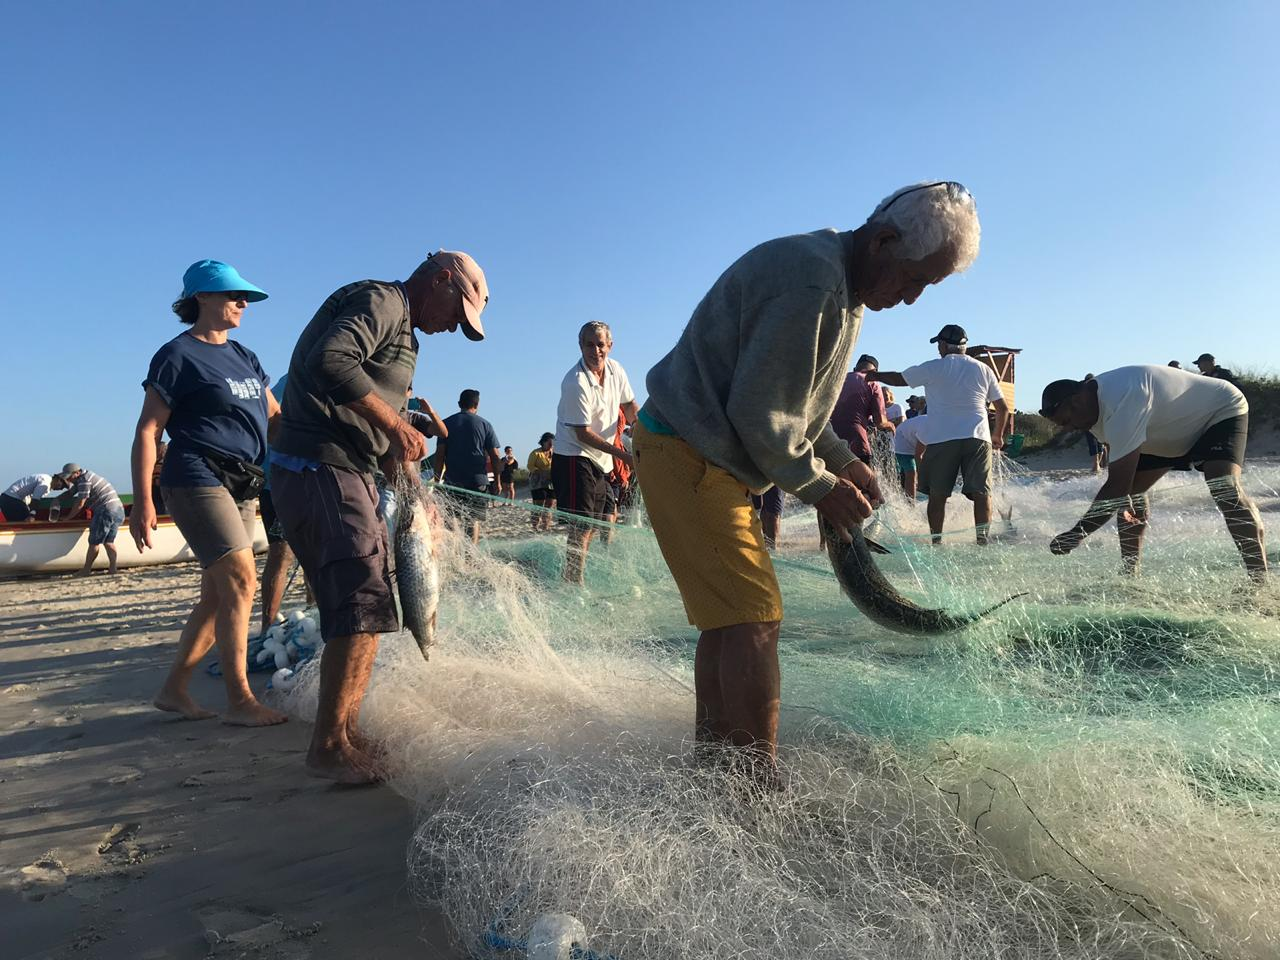 Pesca da tainha no Campeche - Anderson Coelho/ND